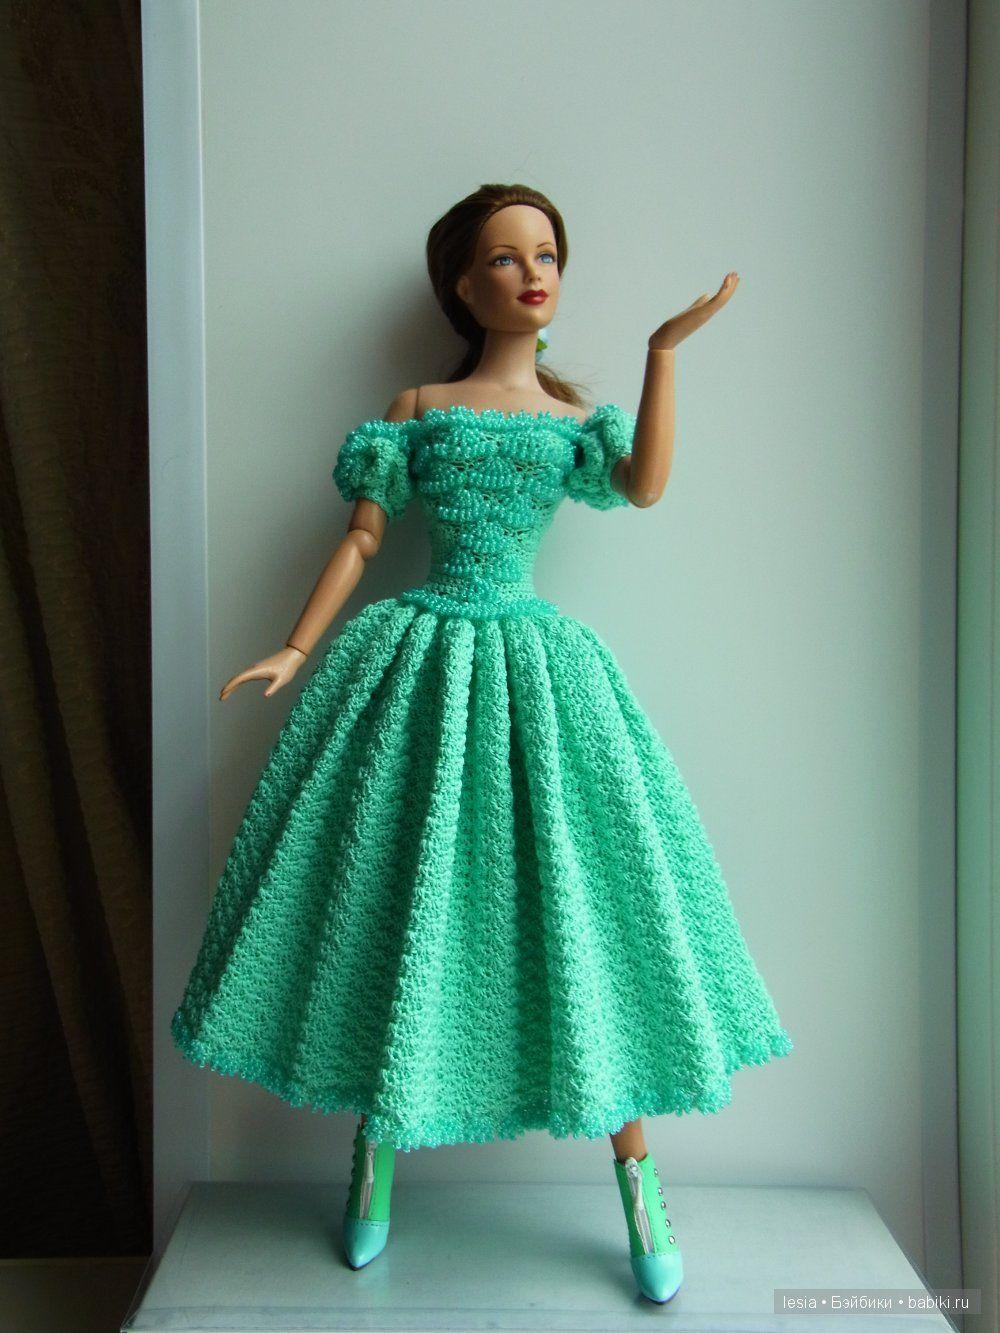 Олеся - вязание для кукол Тоннер, Барби / Ямоггу. Каталог ...